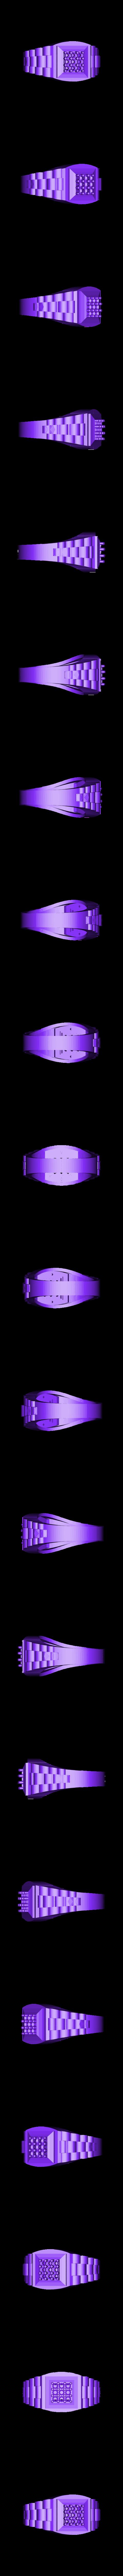 8489.stl Download STL file 3D CAD File For Gents Ring In STL Format • 3D print template, VR3D